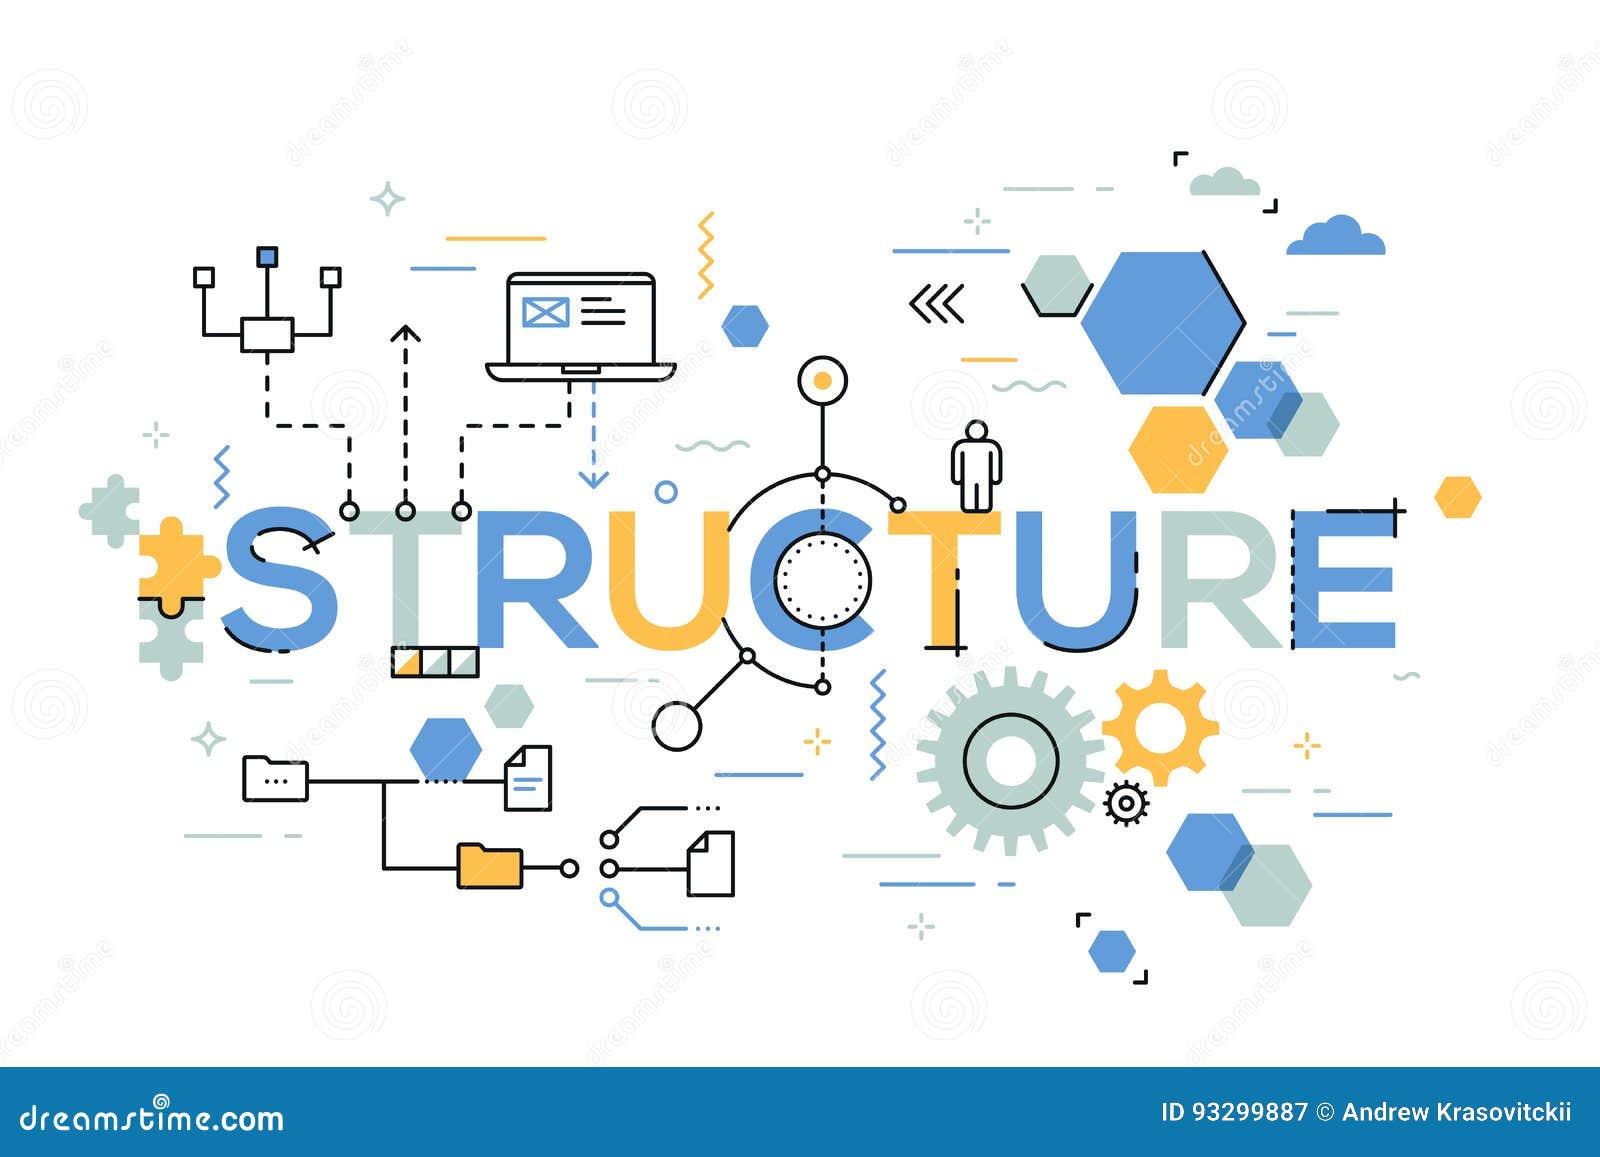 Strukturelle Organisation des Geschäftsprozesses, Struktur vereinbarend und planen Konzept